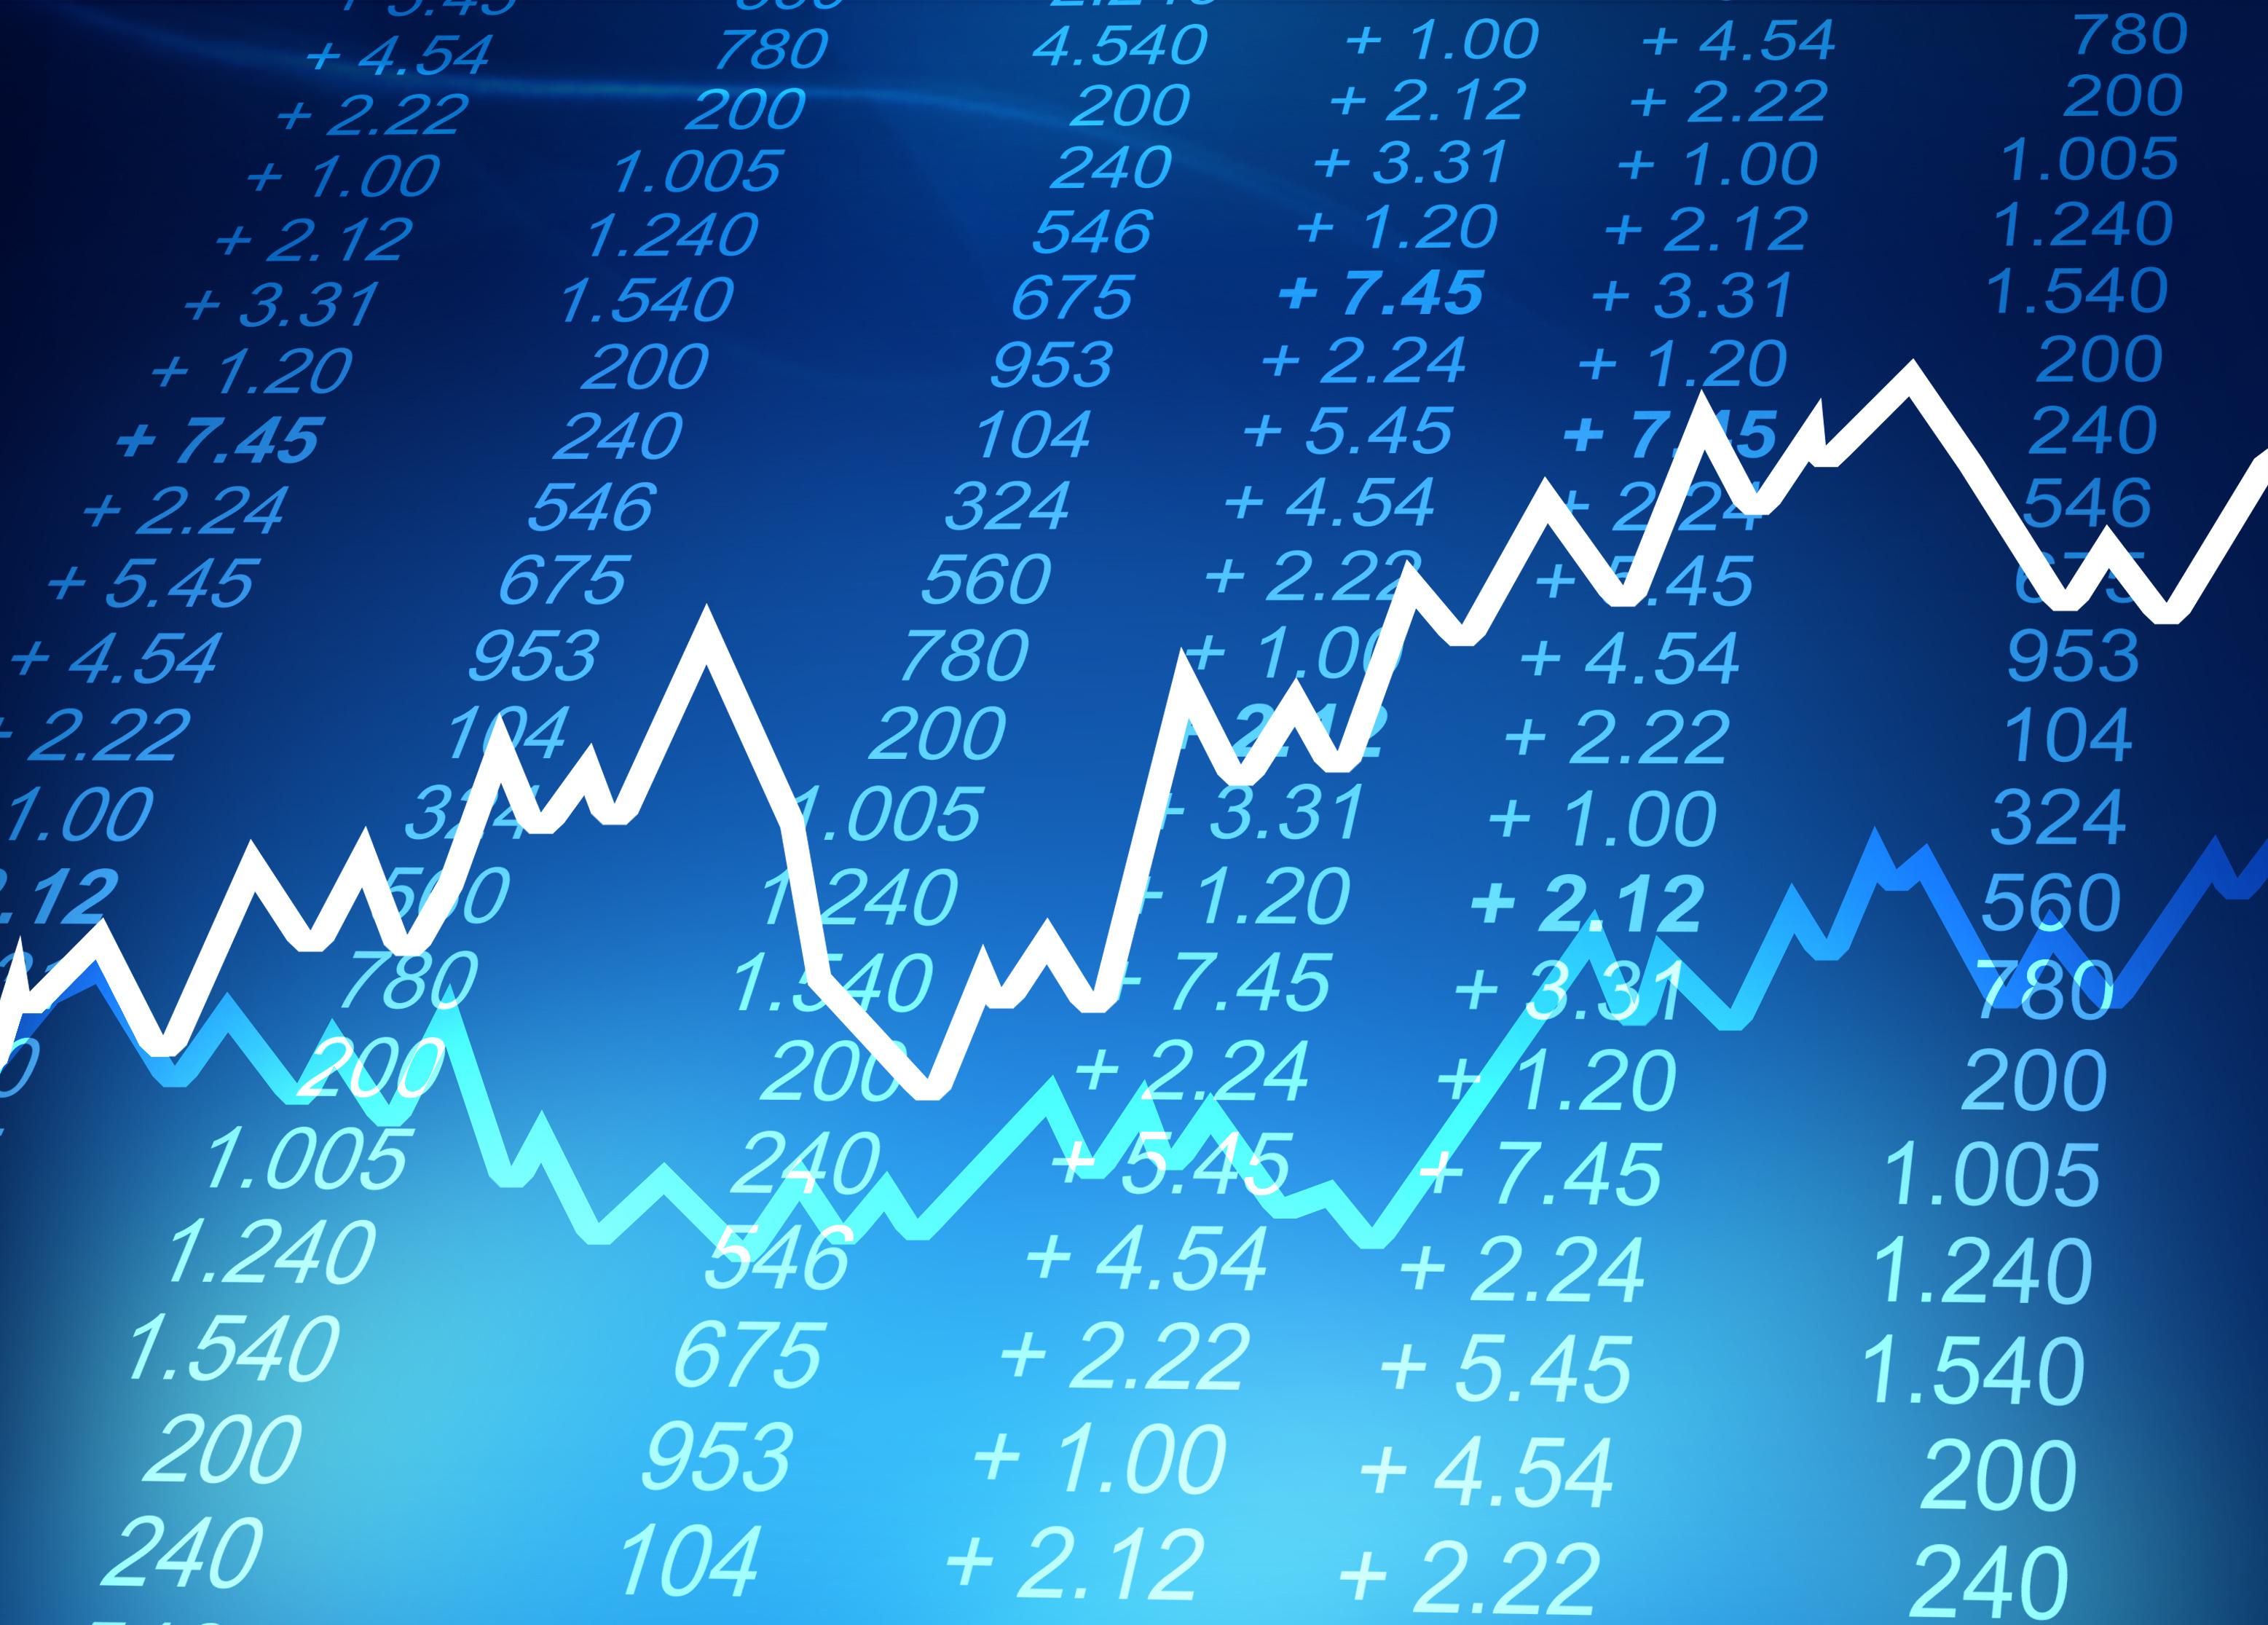 Bourse de Casablanca : La récap de la semaine